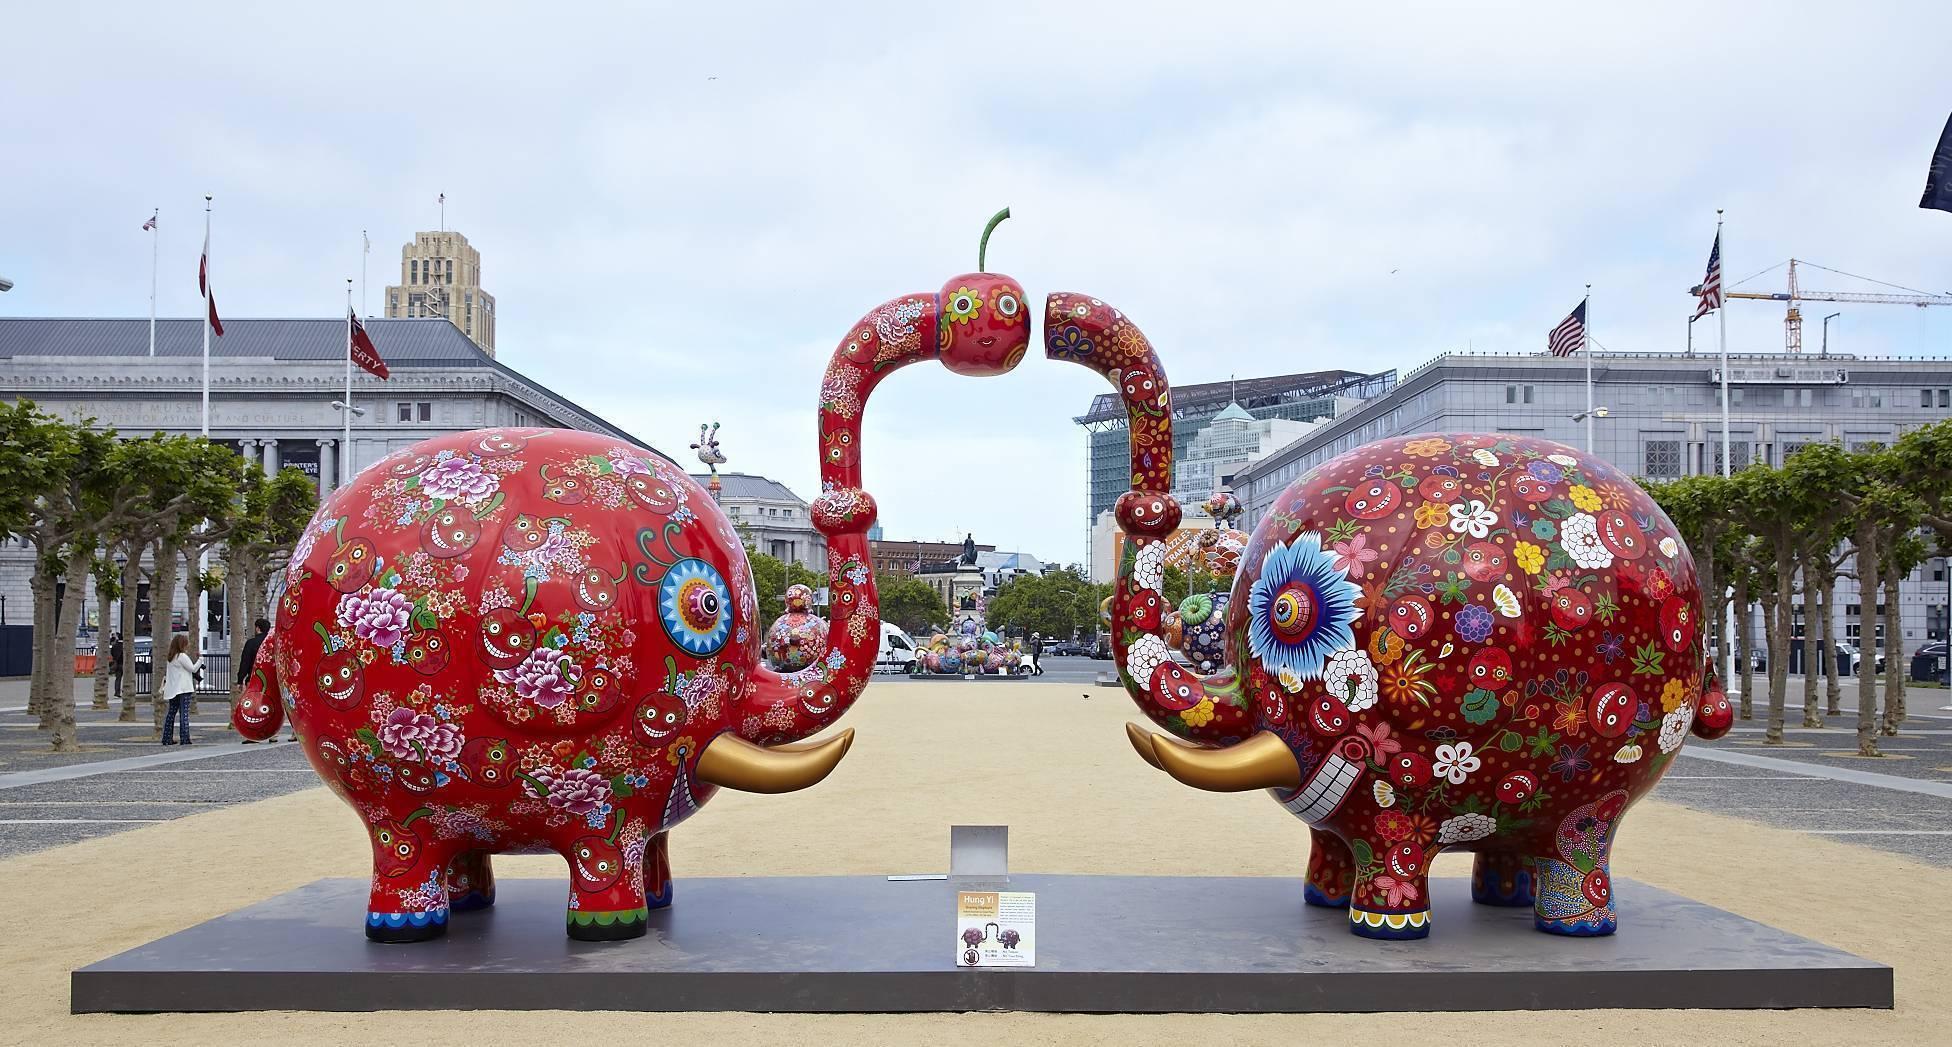 分享象 |2013|鋼板彩繪|665x210x378 cm|「分享象」,取其「享」及「象」之諧音,這樣的命名方式是藝術家創作靈感來源之一